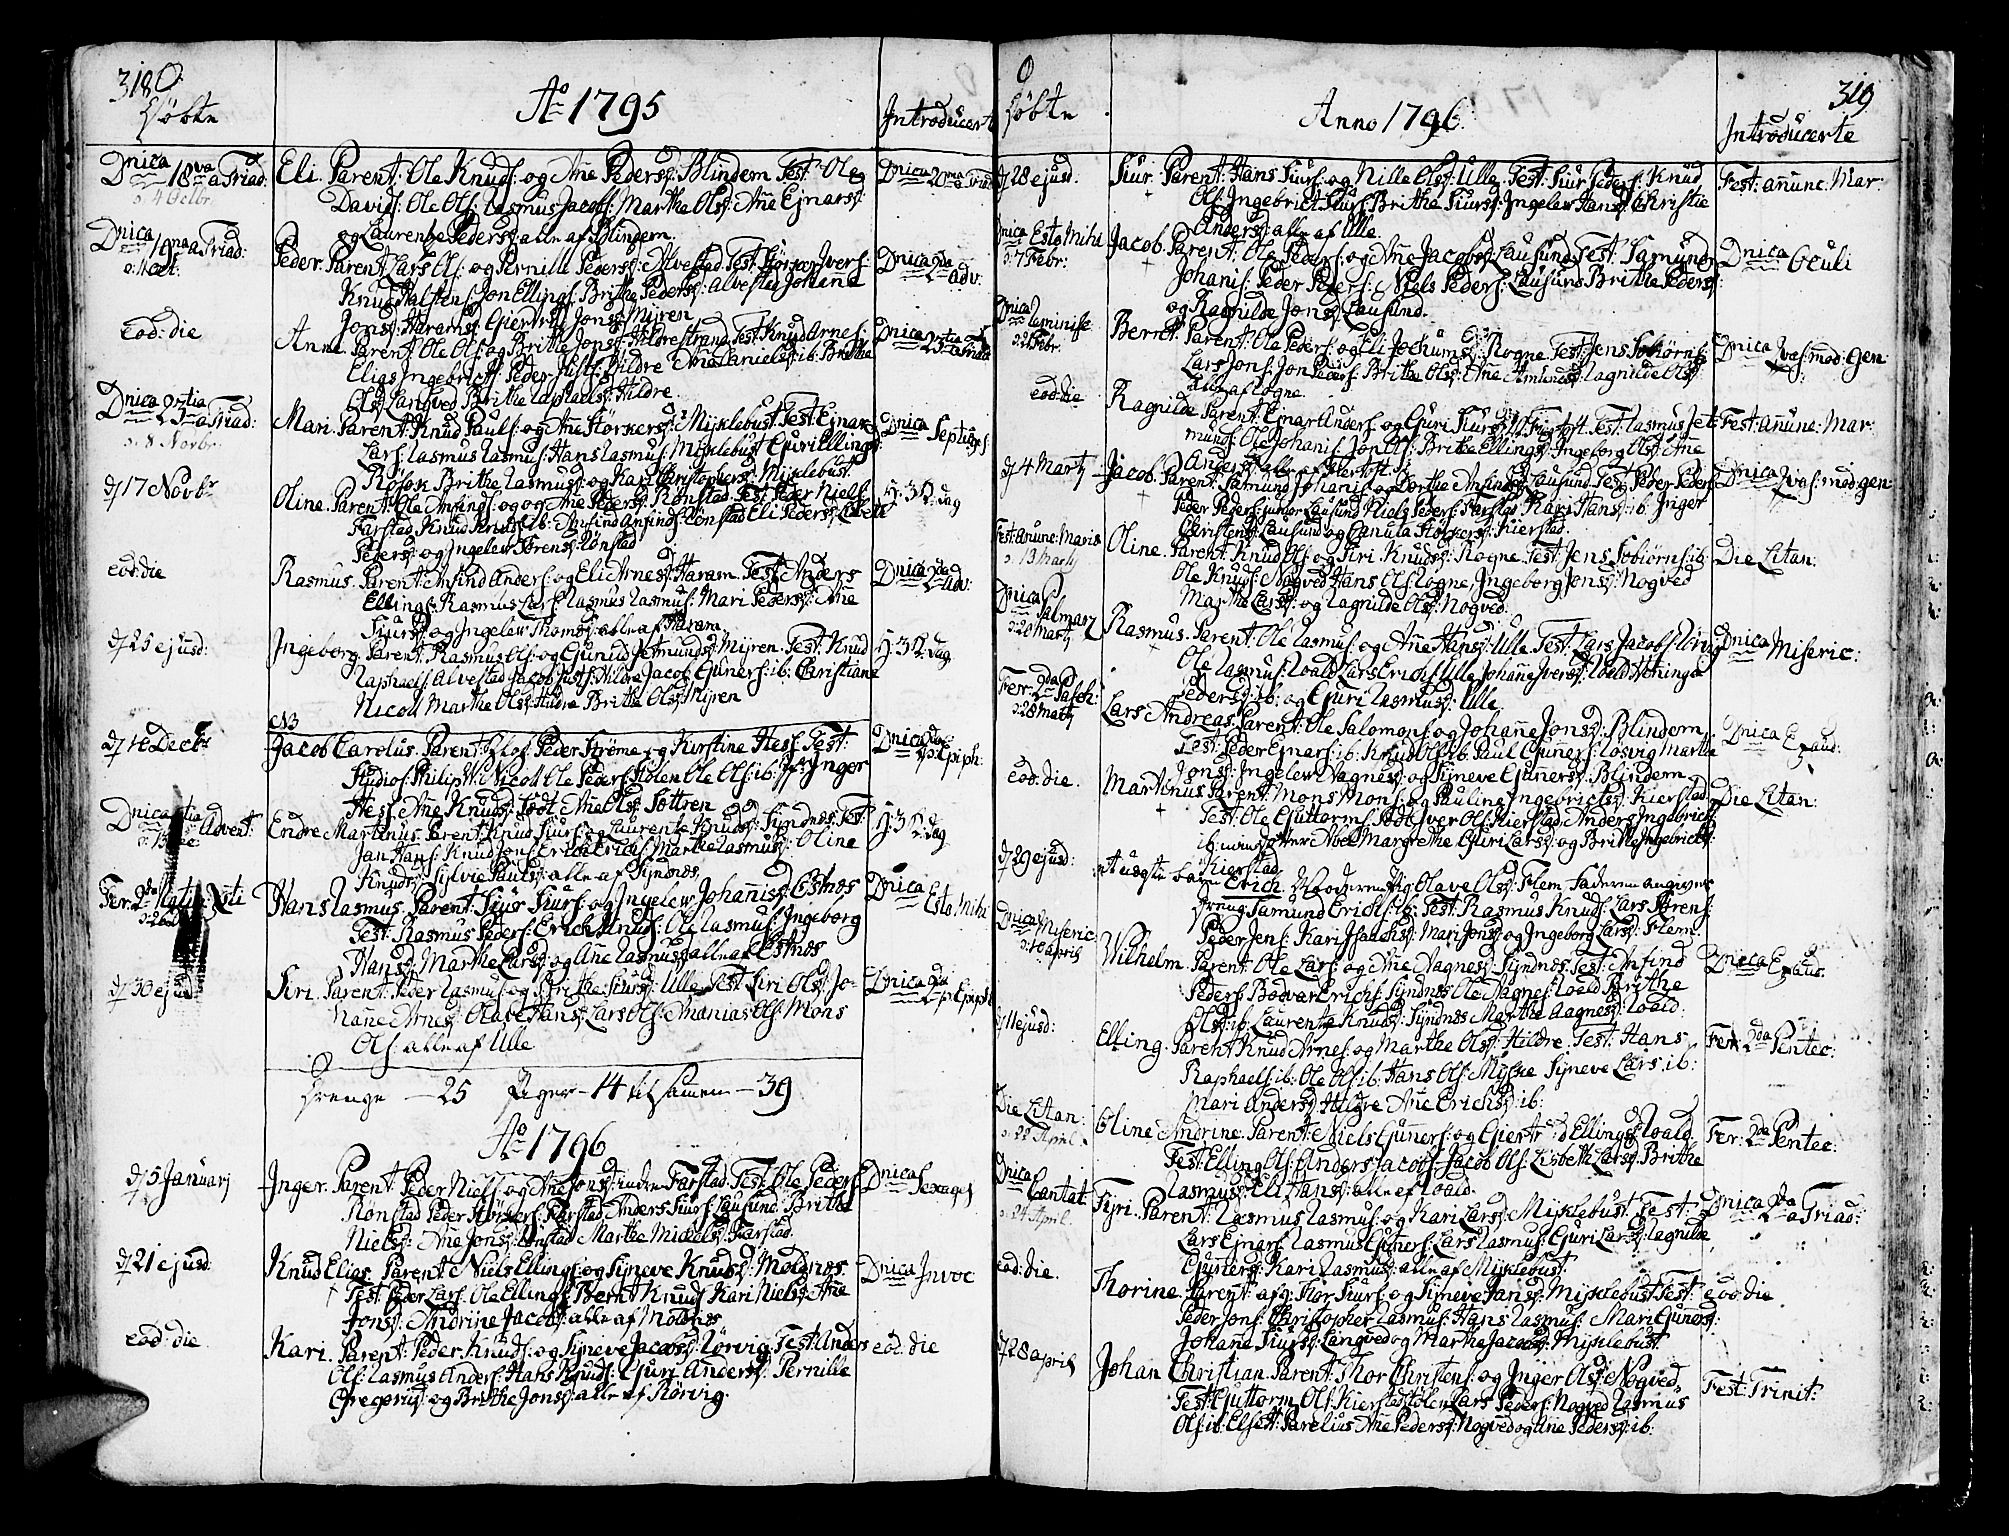 SAT, Ministerialprotokoller, klokkerbøker og fødselsregistre - Møre og Romsdal, 536/L0493: Ministerialbok nr. 536A02, 1739-1802, s. 318-319